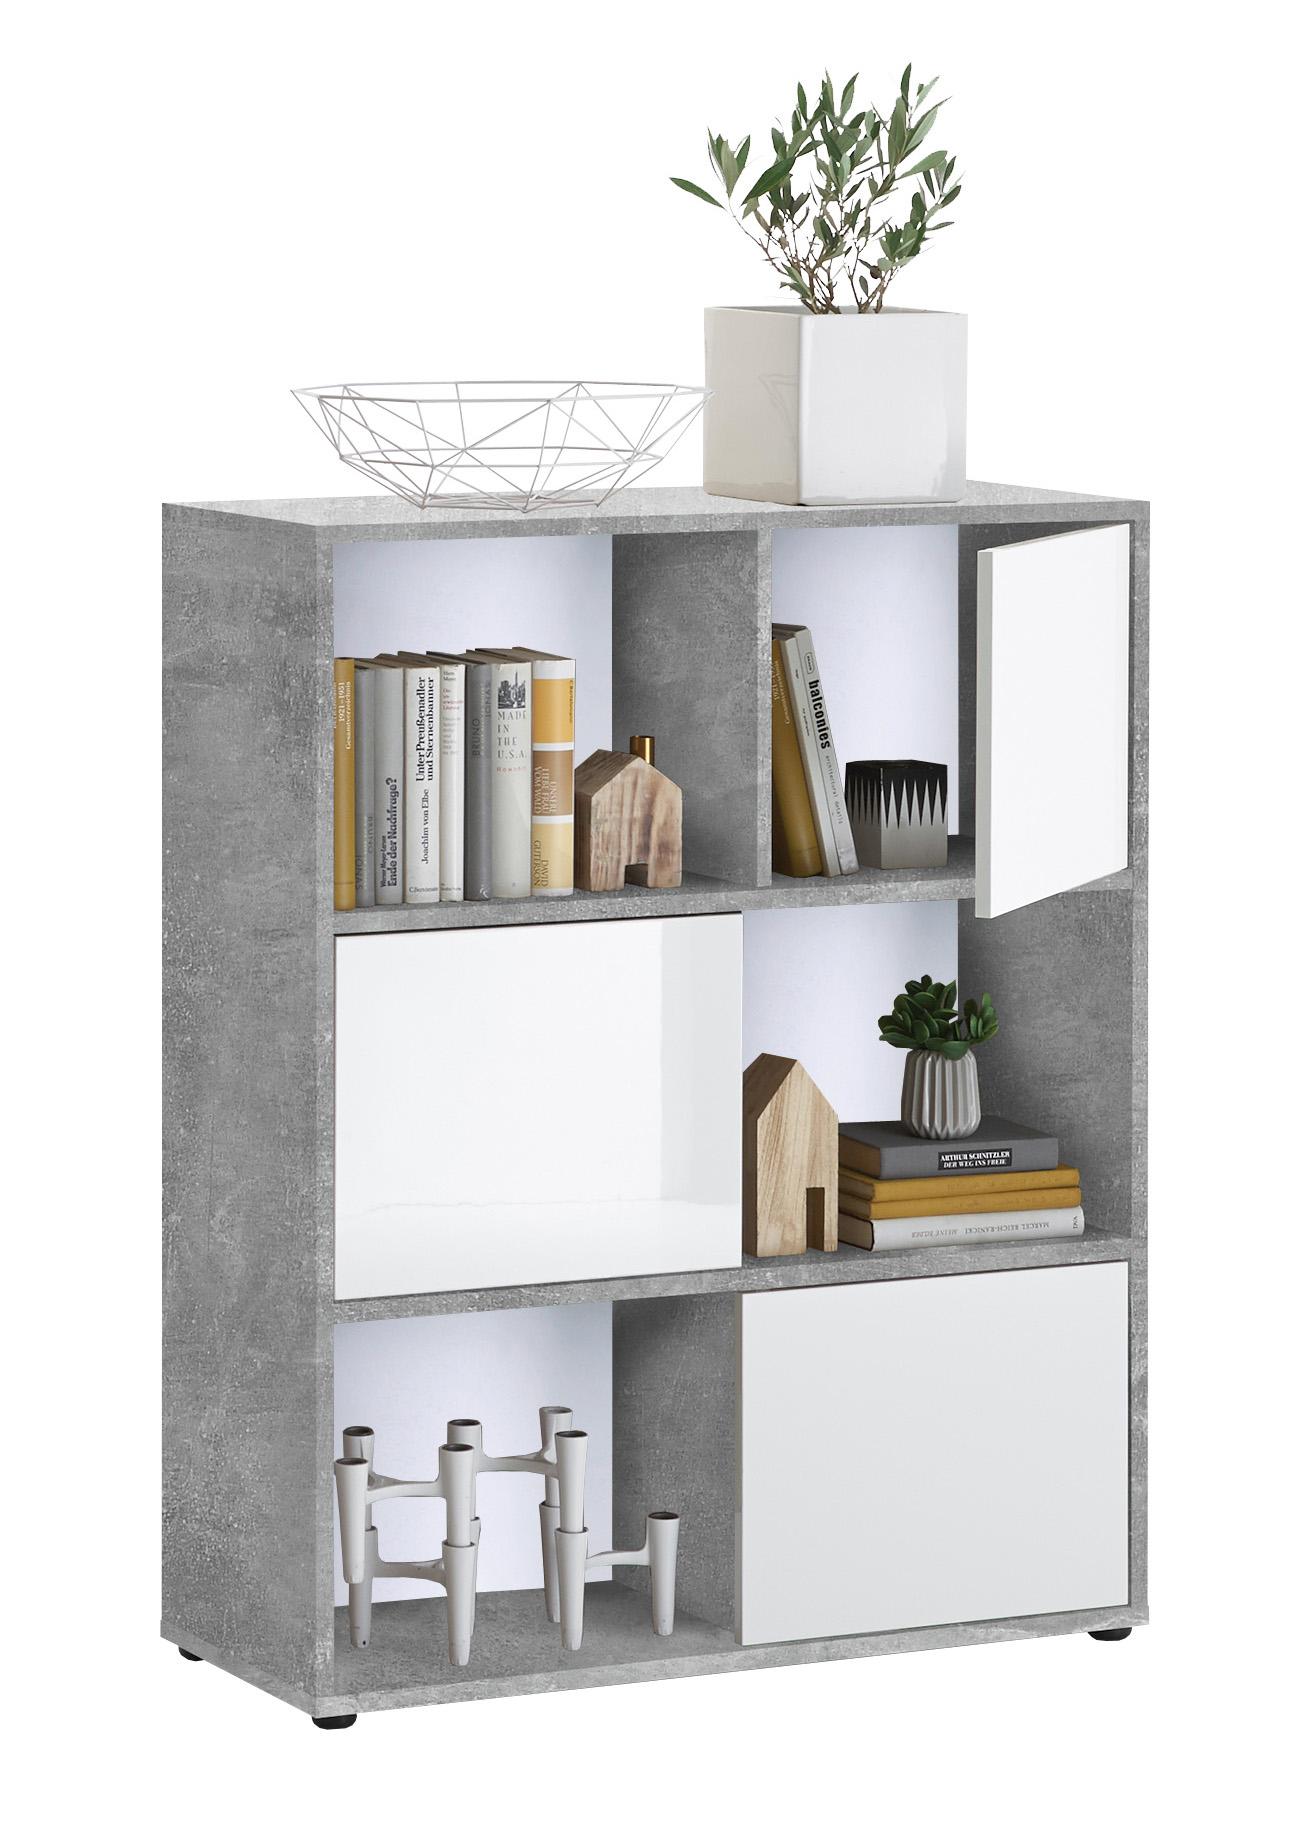 regal futura 1 up, beton light atelier nachbildung/hochglanz weiss